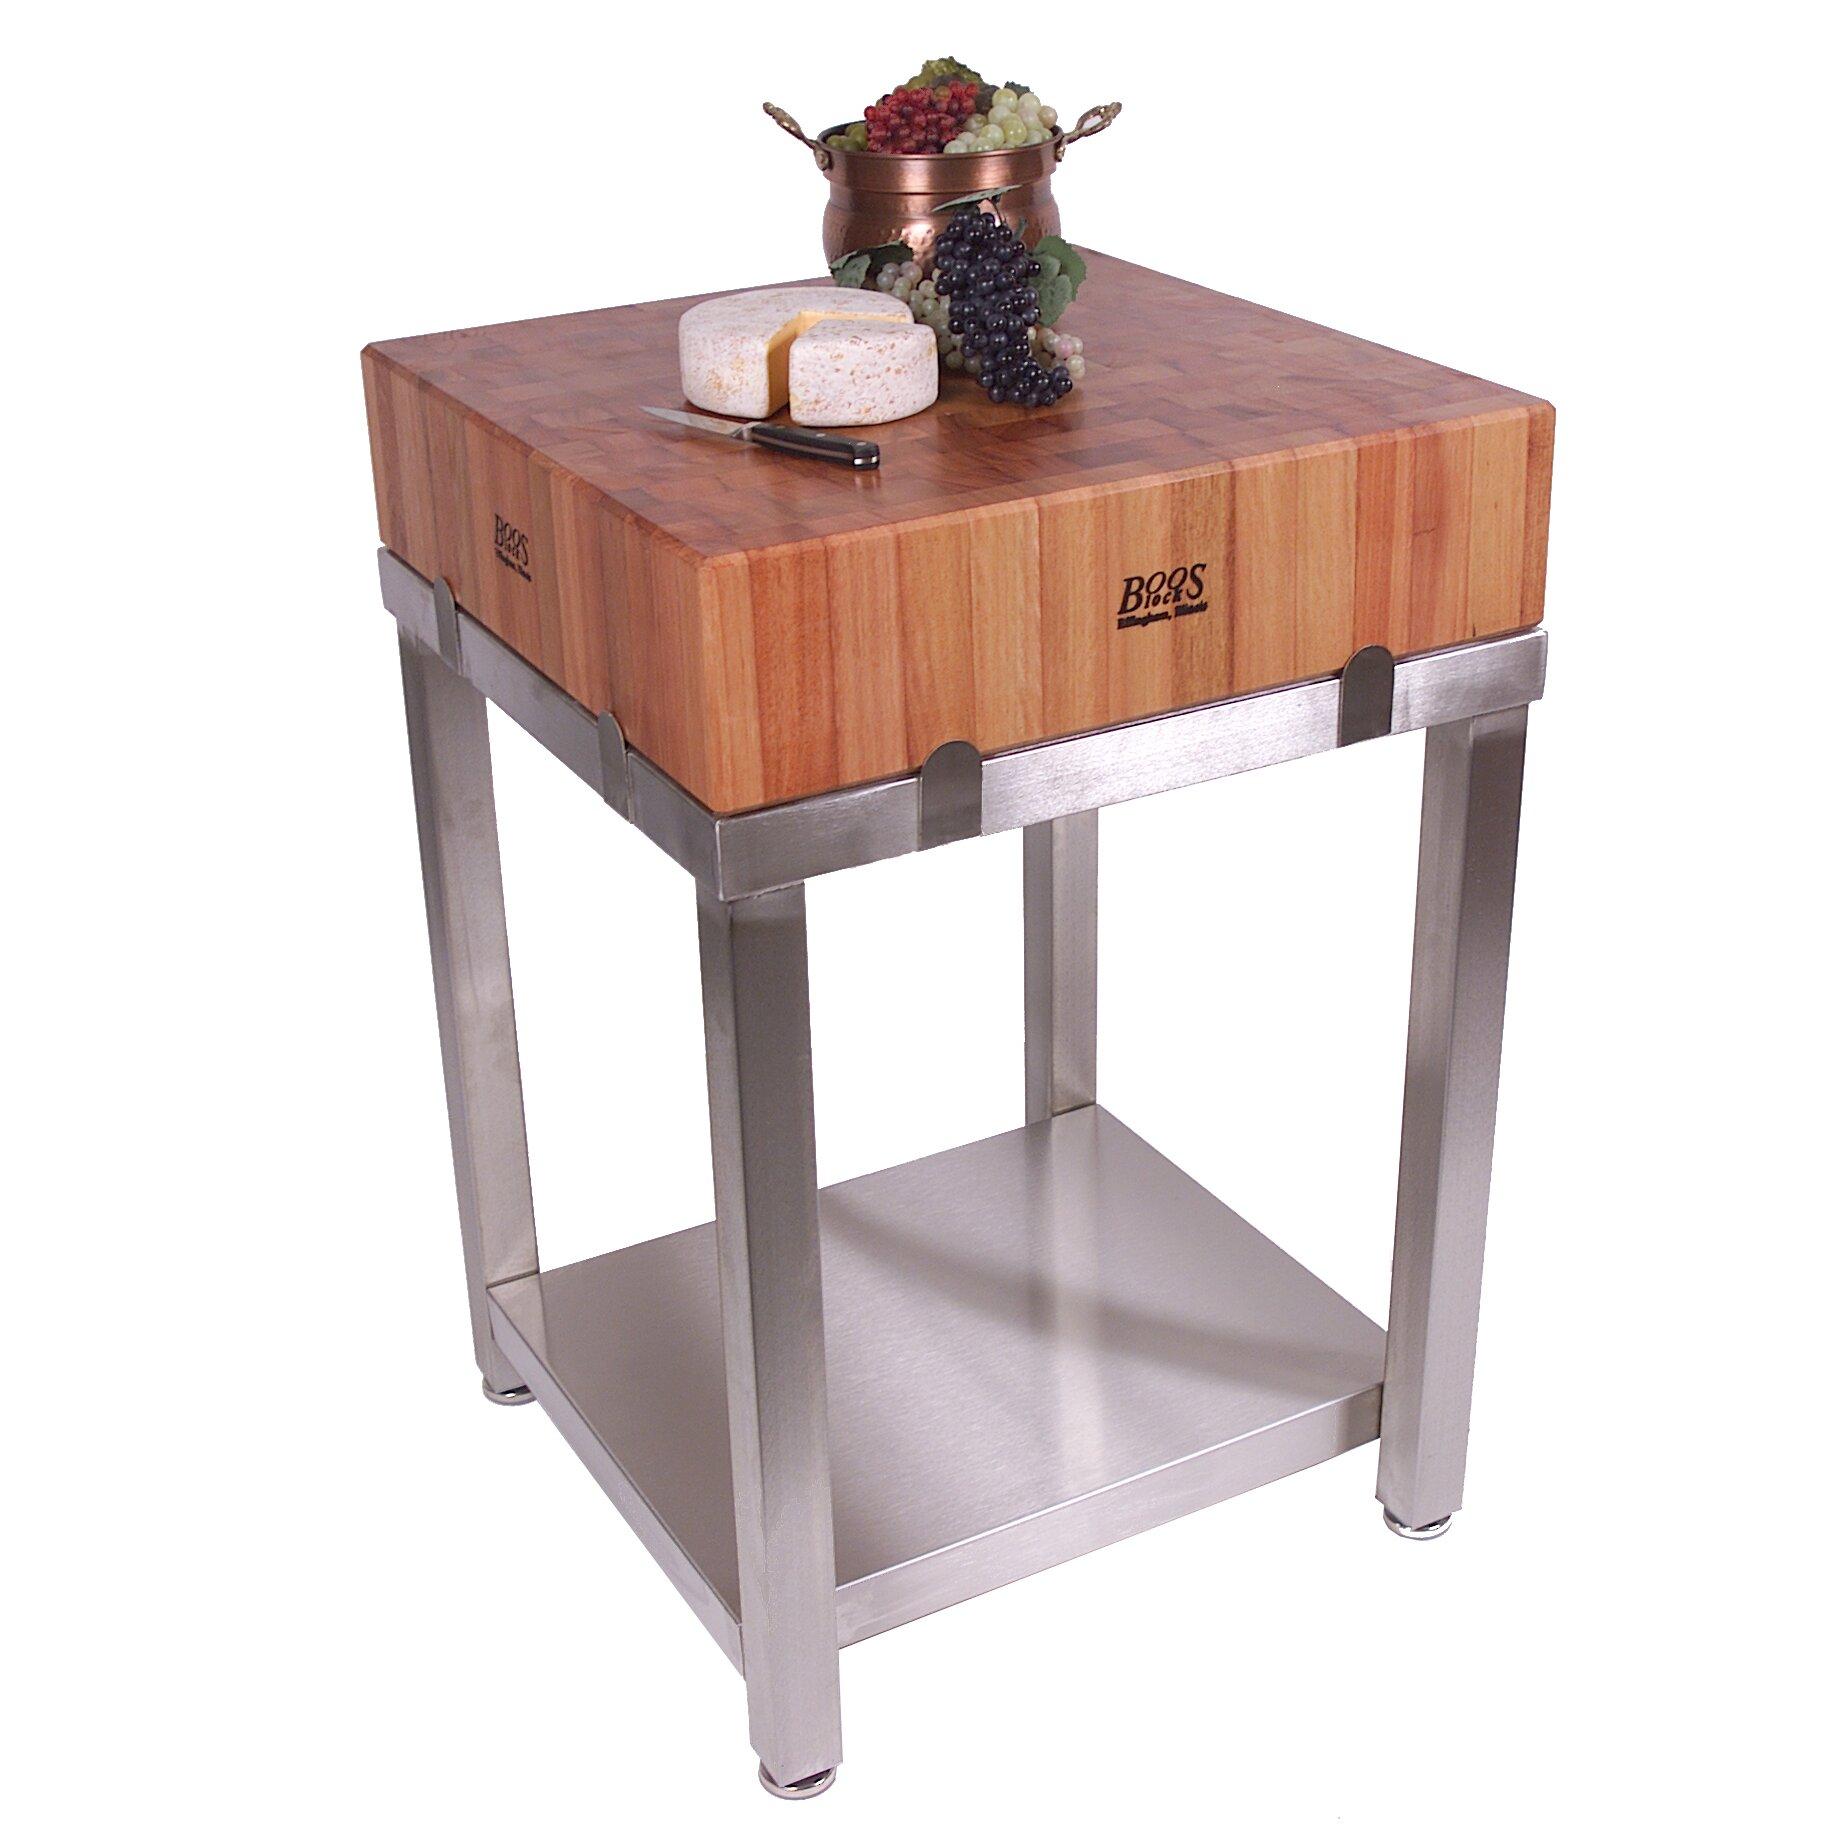 Butcher Block Kitchen Prep Table : John Boos Cucina Americana Laforza Prep Table with Butcher Block Top & Reviews AllModern